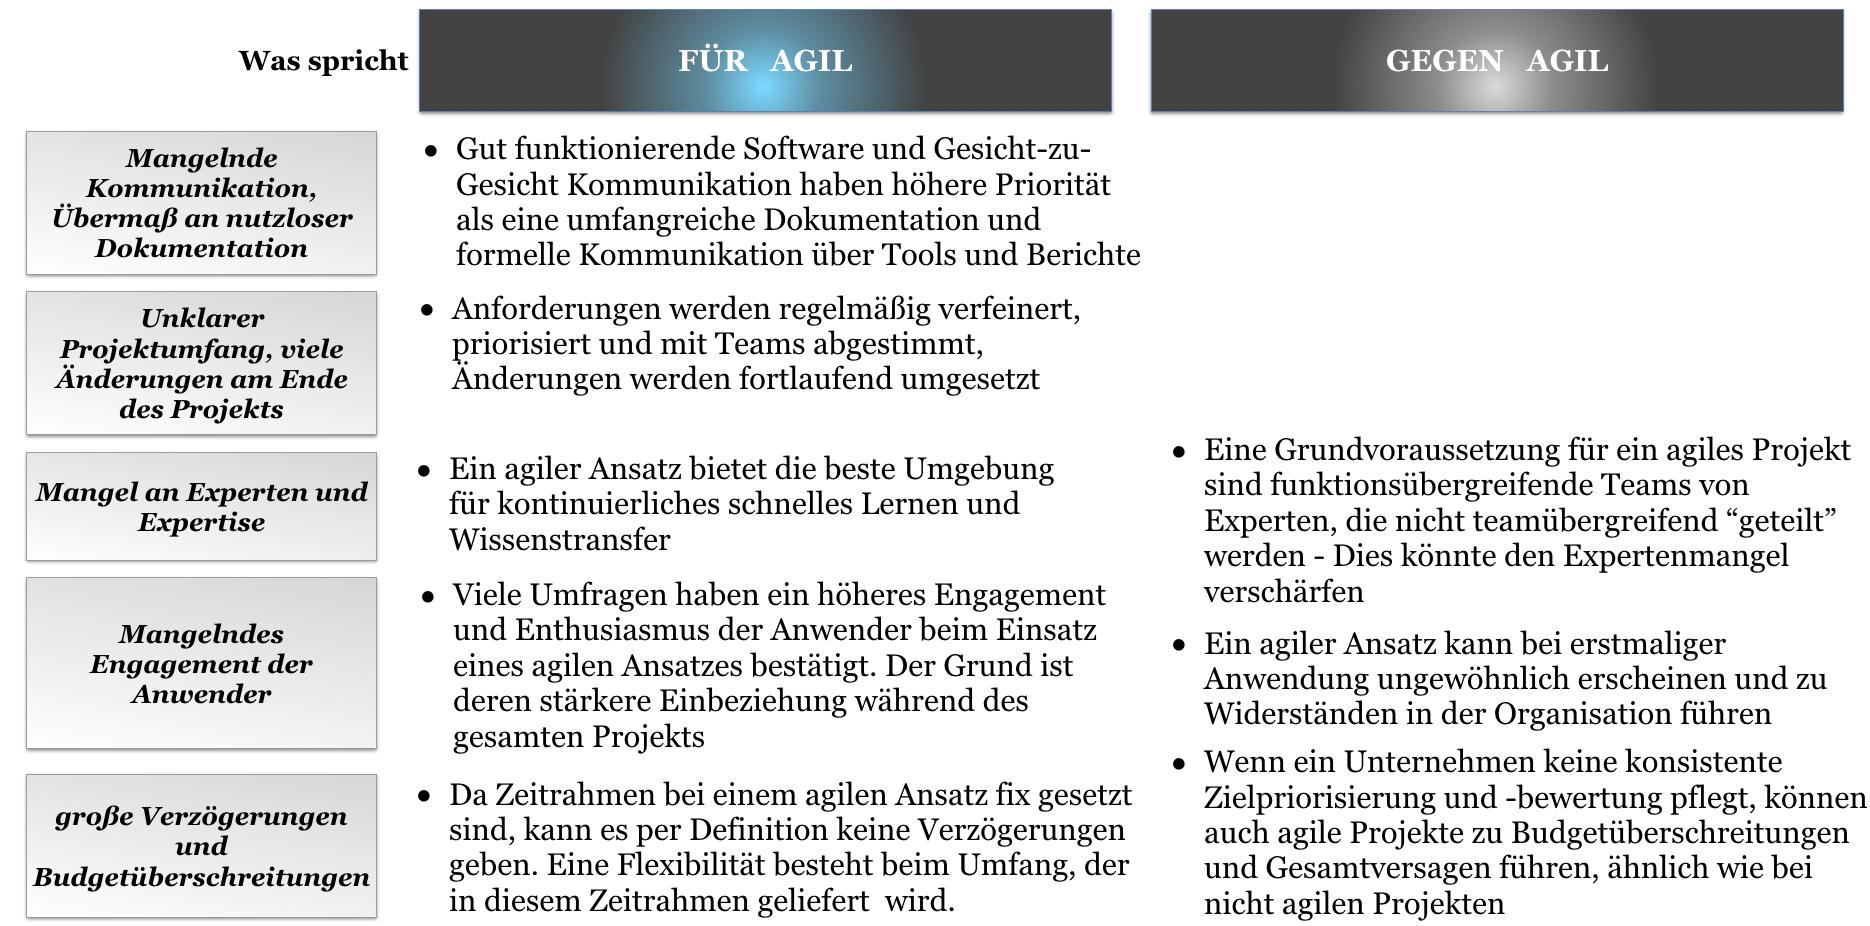 Vor- und Nachteile eines agilen Ansatzes im Kontext der SAP-Projekte_Agilon GmbH